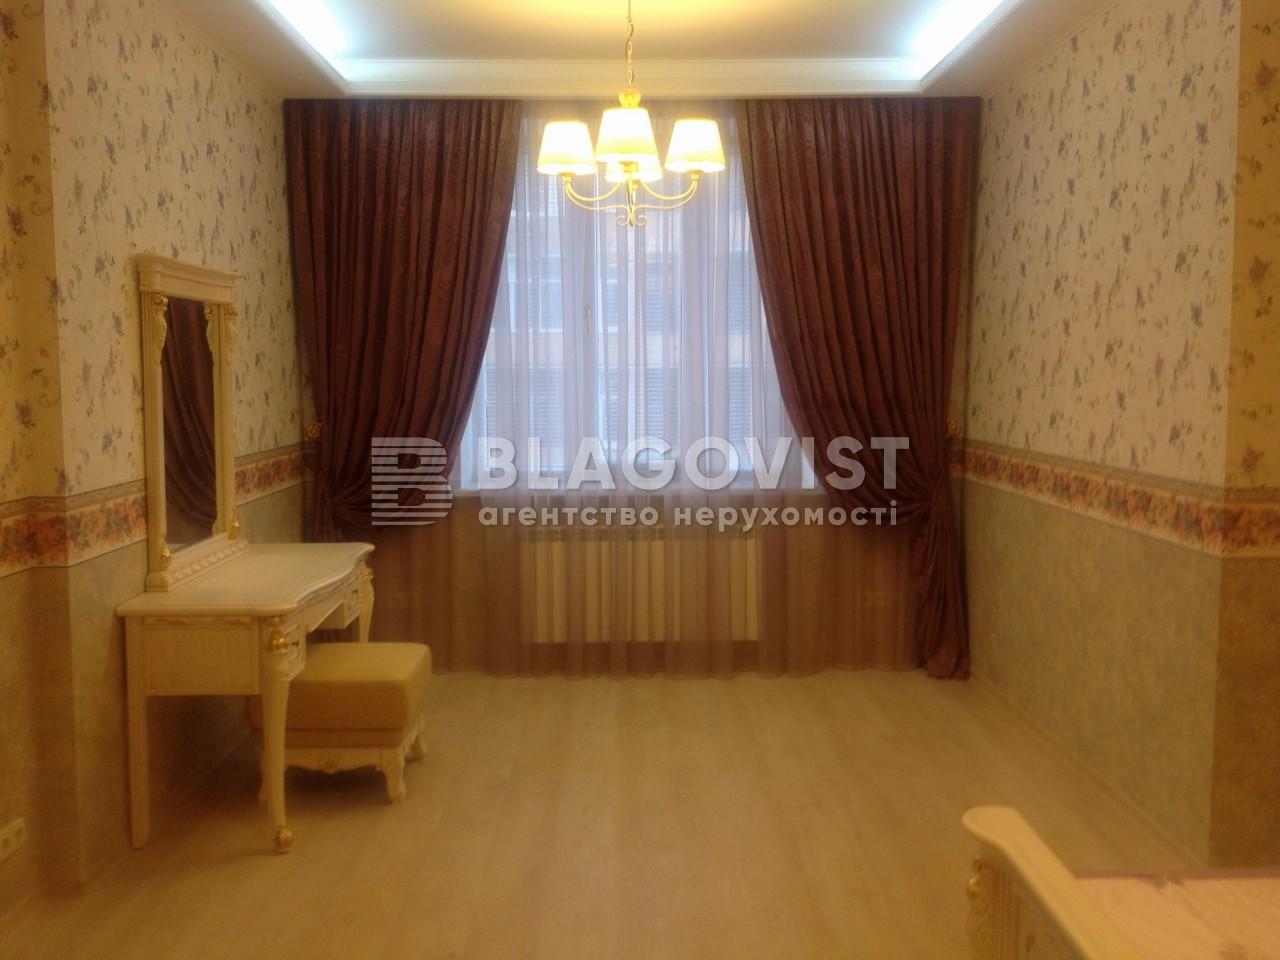 Квартира R-15463, Коновальца Евгения (Щорса), 32г, Киев - Фото 7